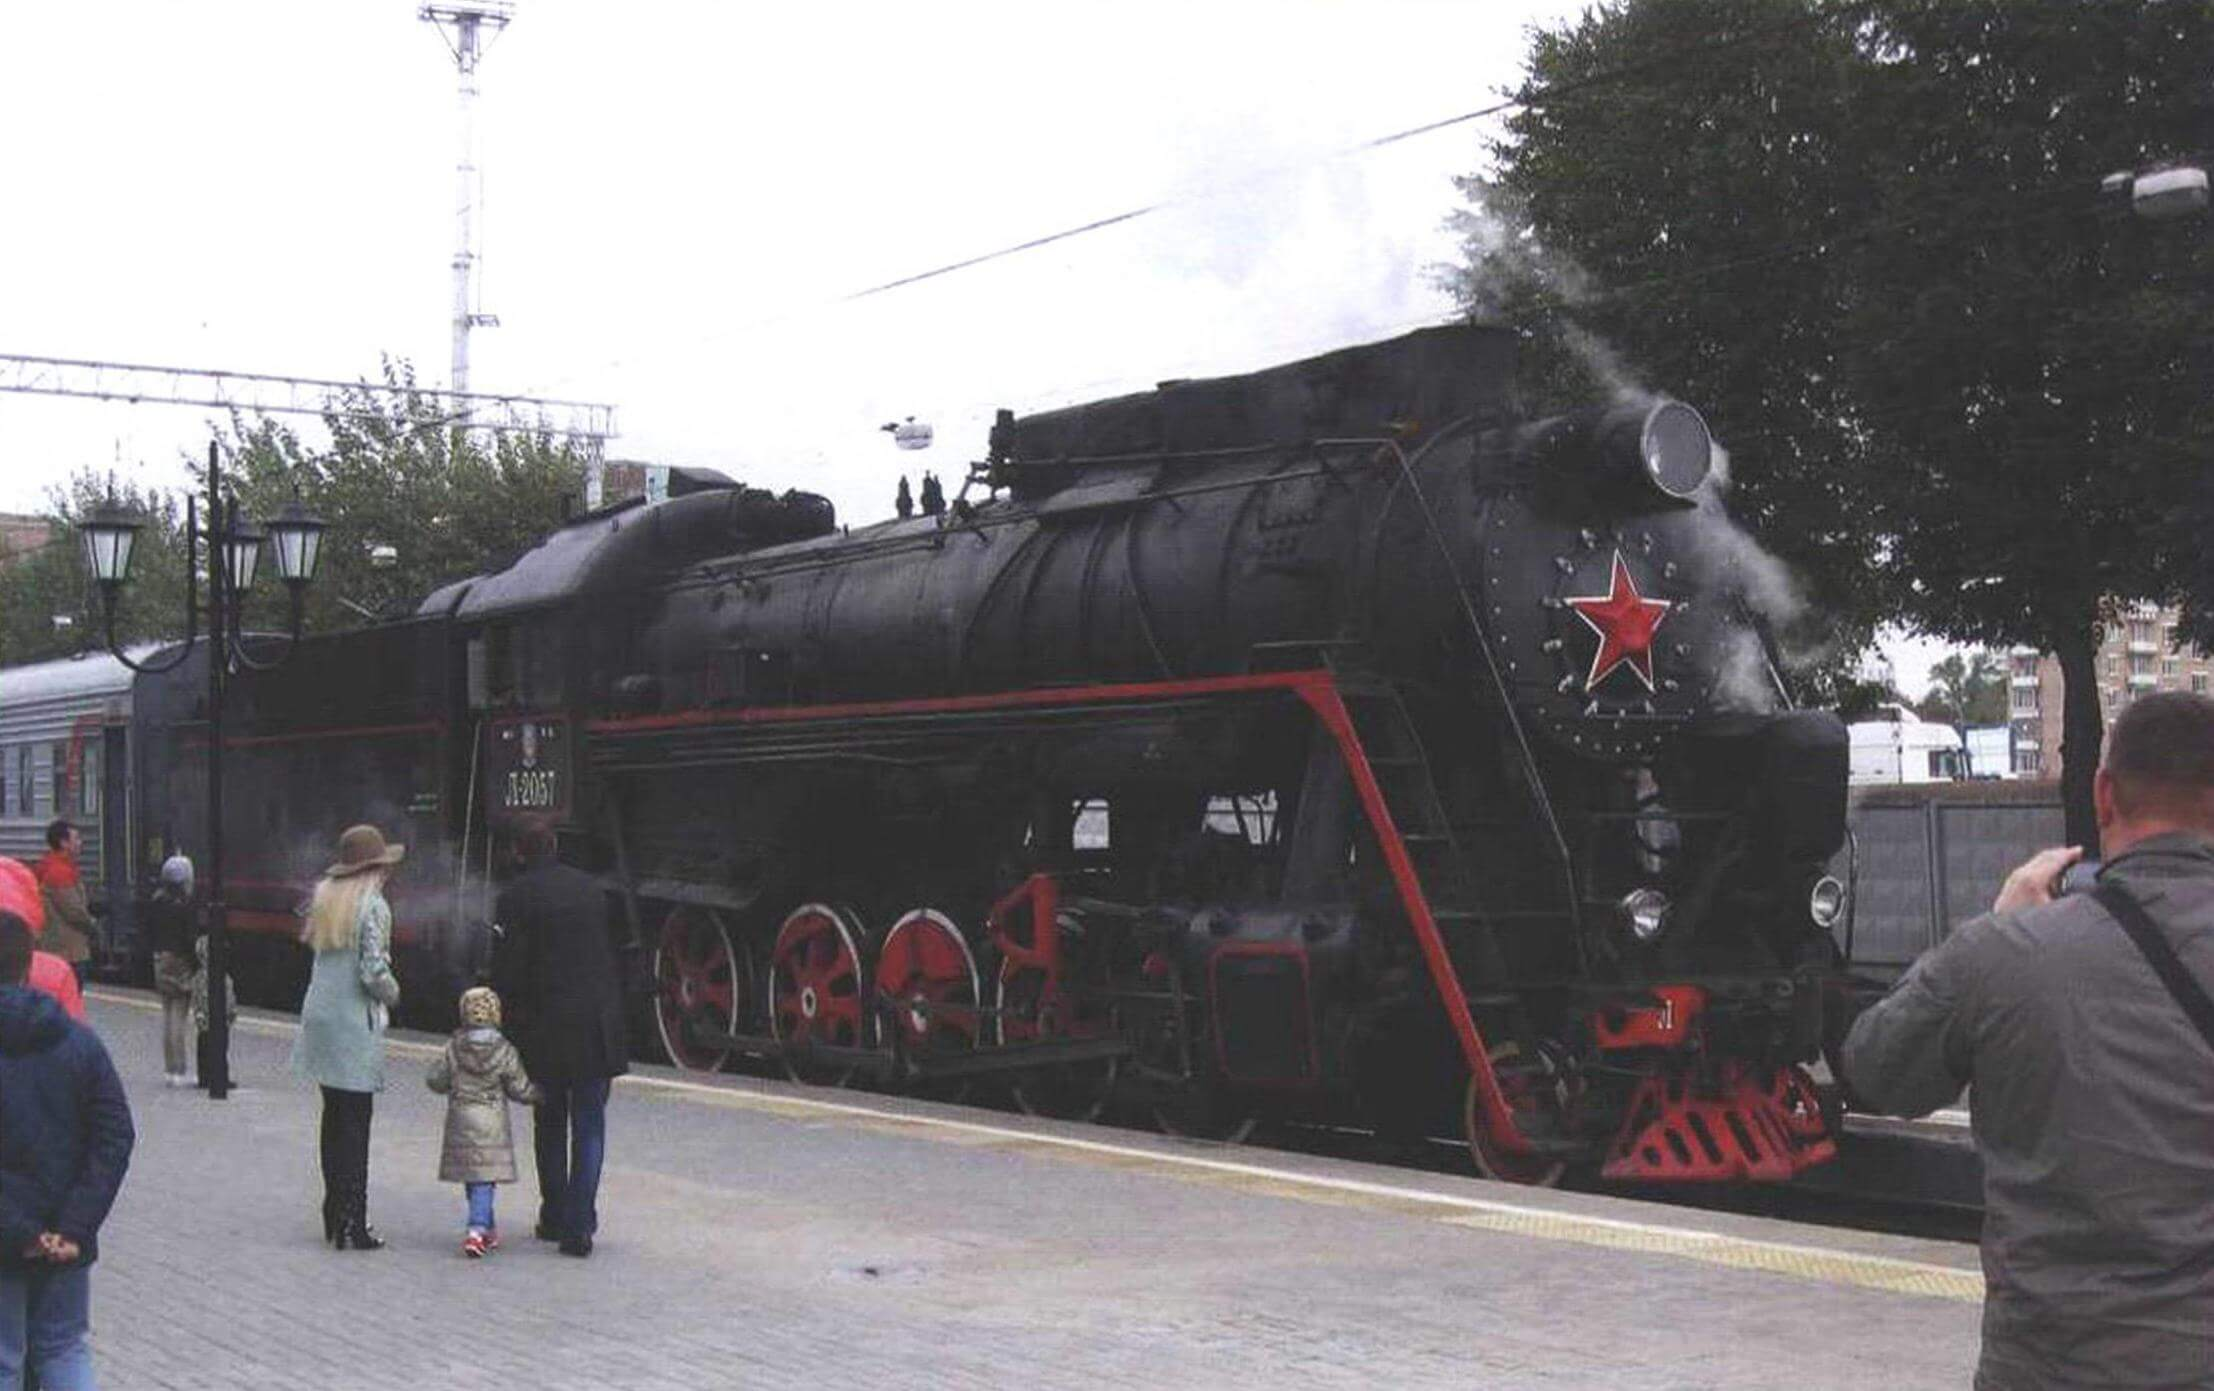 Экскурсионный поезд с паровозом серии Л отправляется от Рижского вокзала на станцию Подмосковная